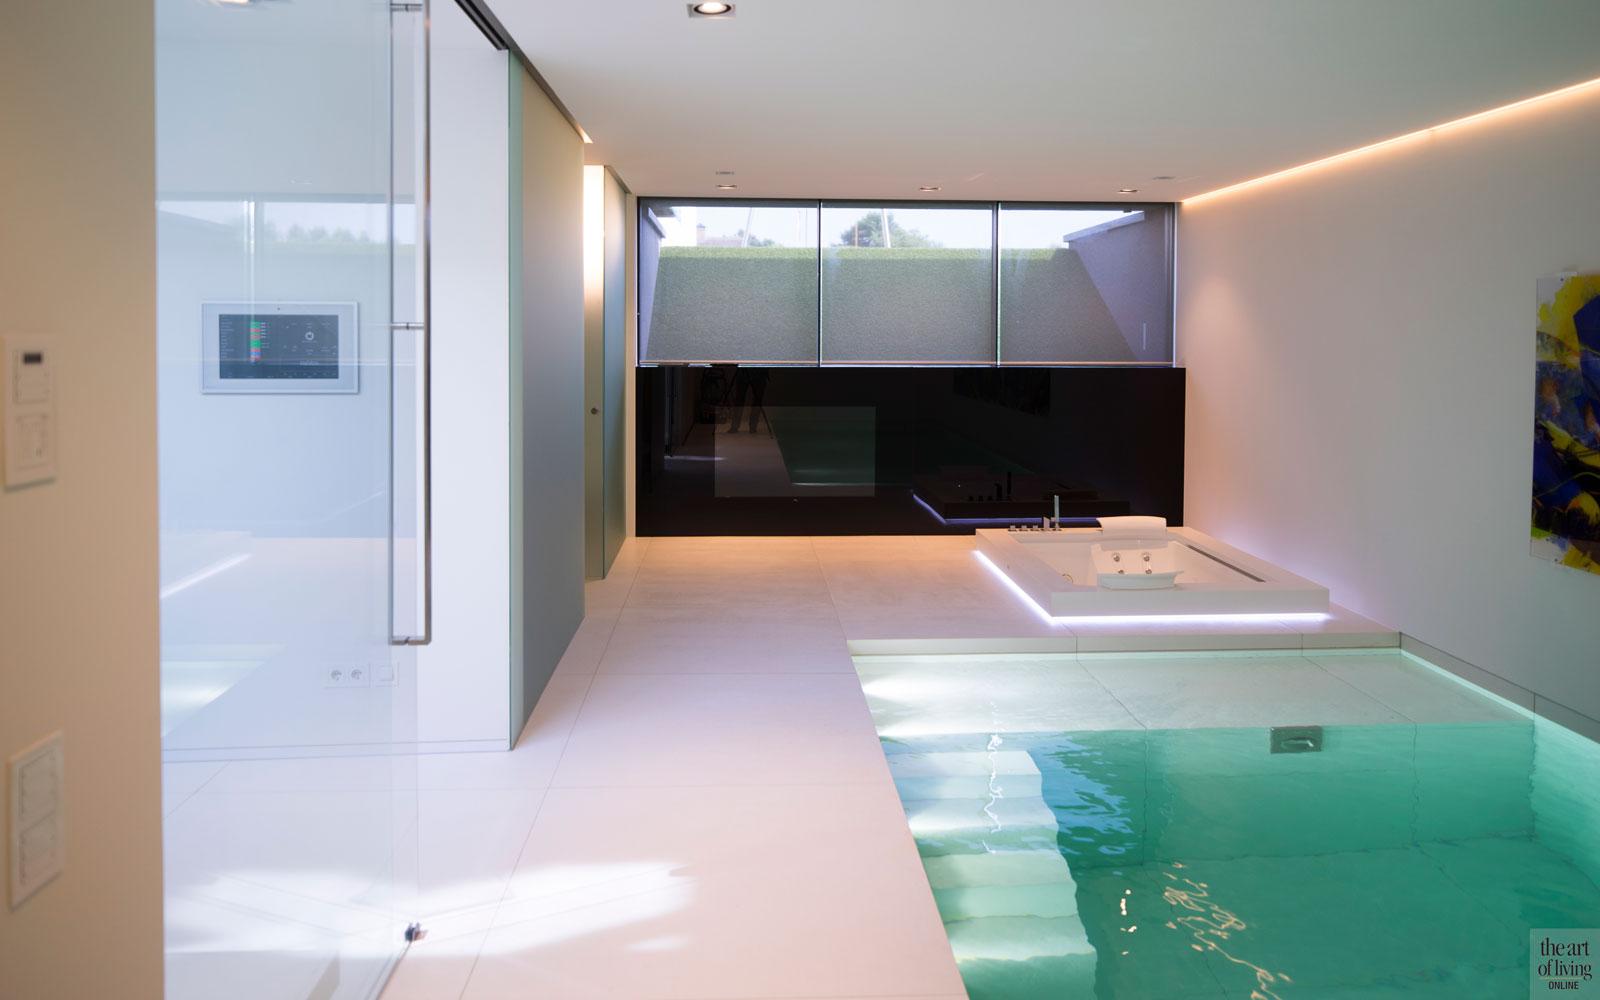 Souterrain, kelder, wellness, zwembad, Ambiance, sauna, jacuzzi, daglicht, villa aan het water, Lab32 architecten